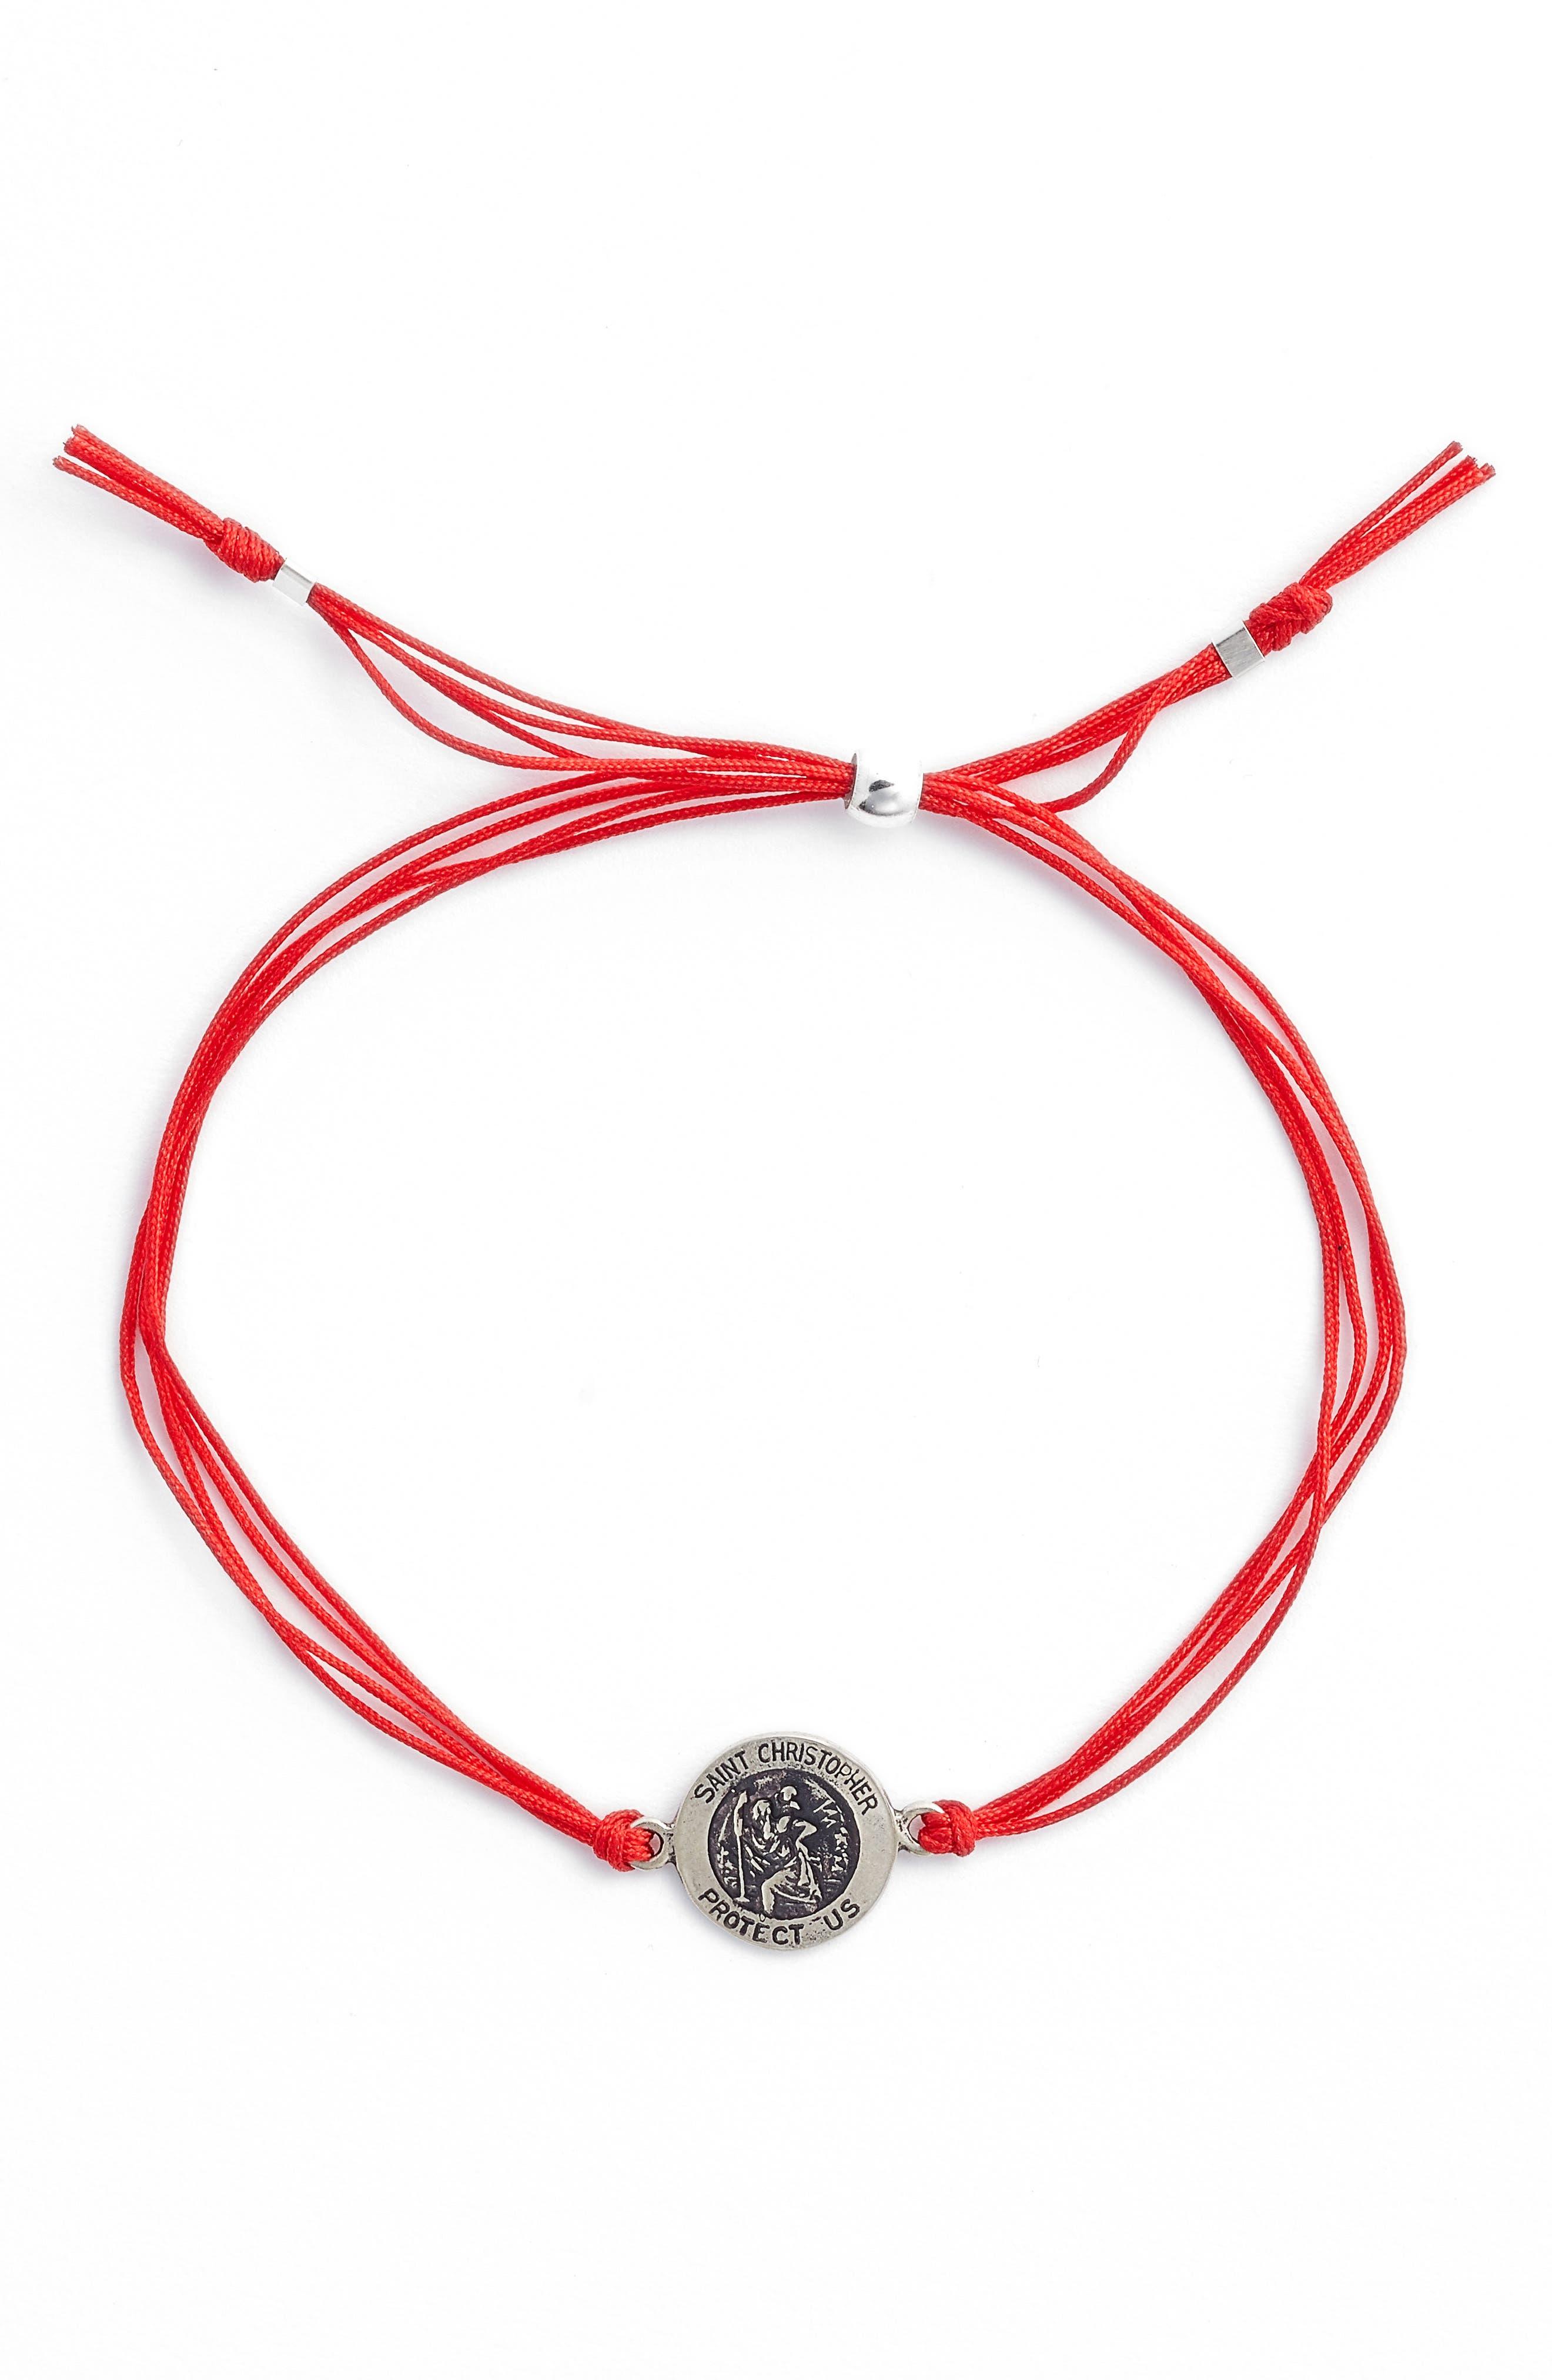 Saint Christopher Pull Bracelet,                             Alternate thumbnail 2, color,                             600